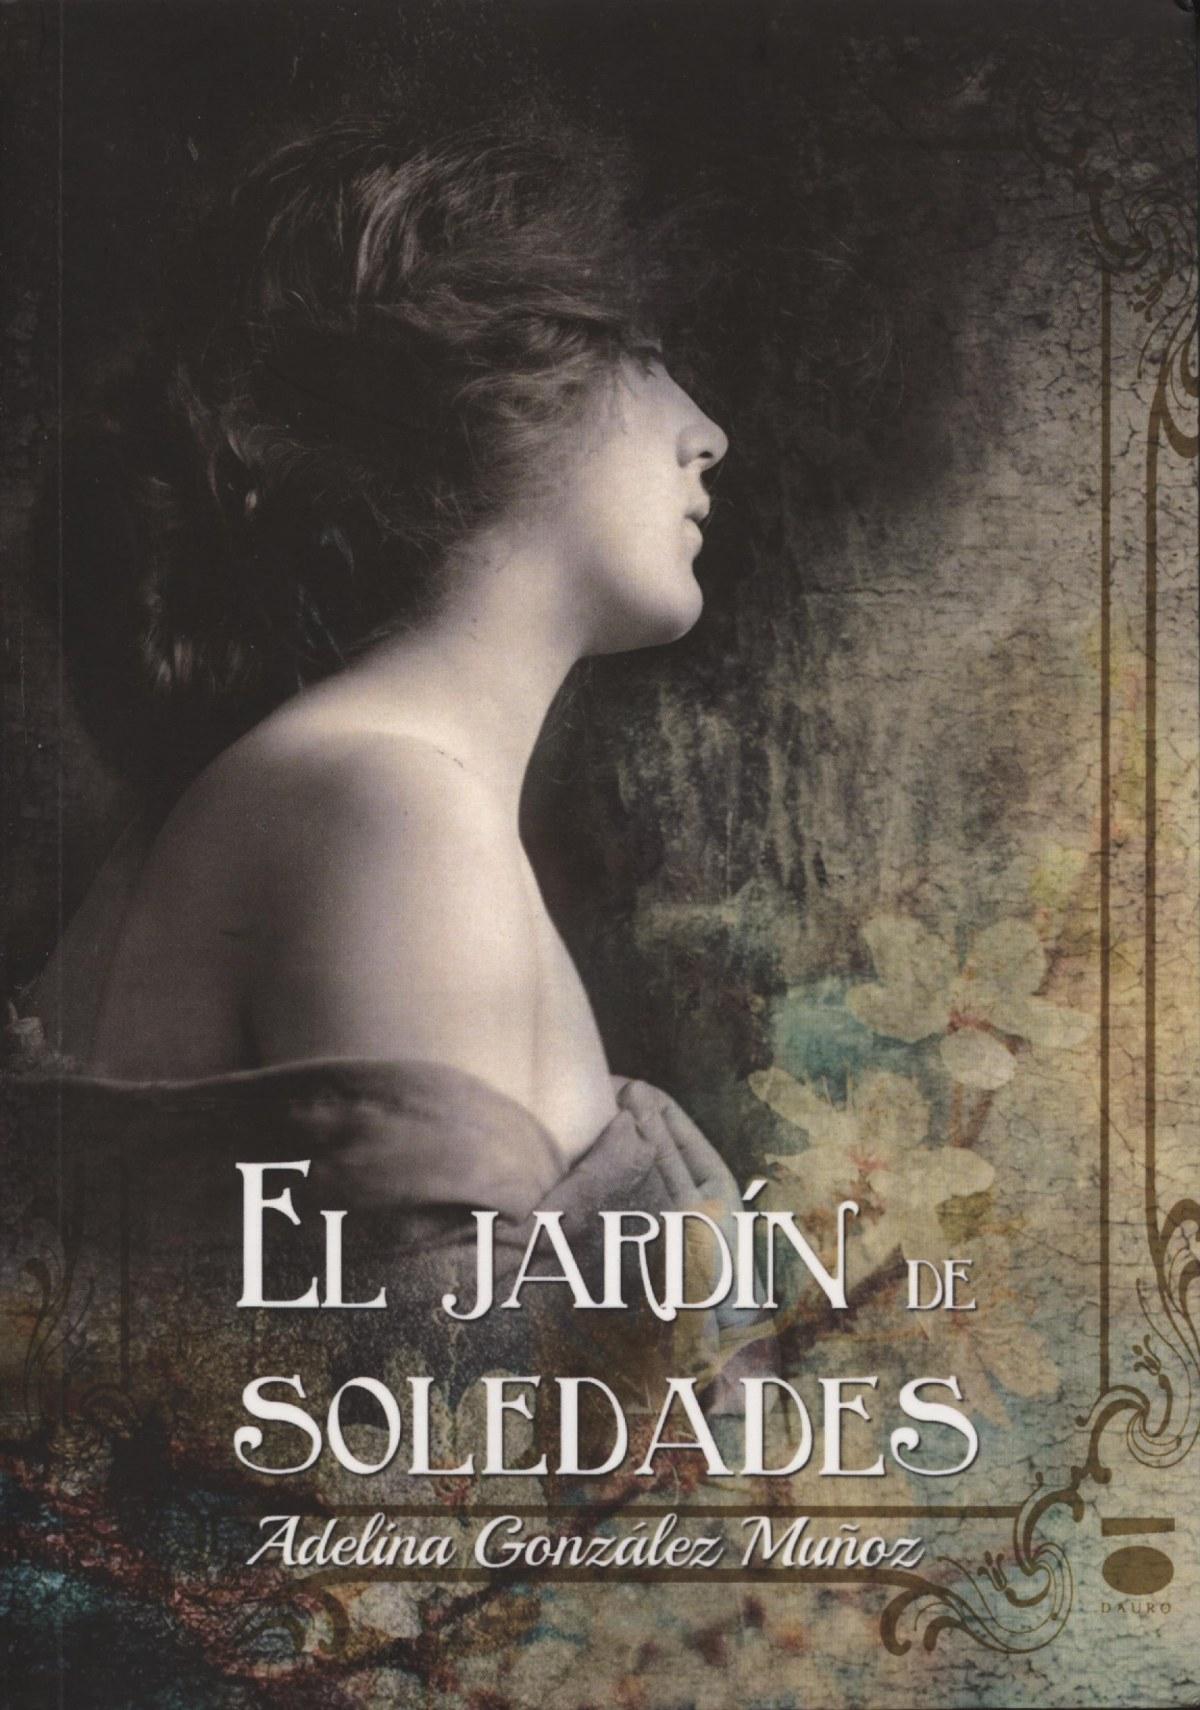 EL JARDIN DE SOLEDADES